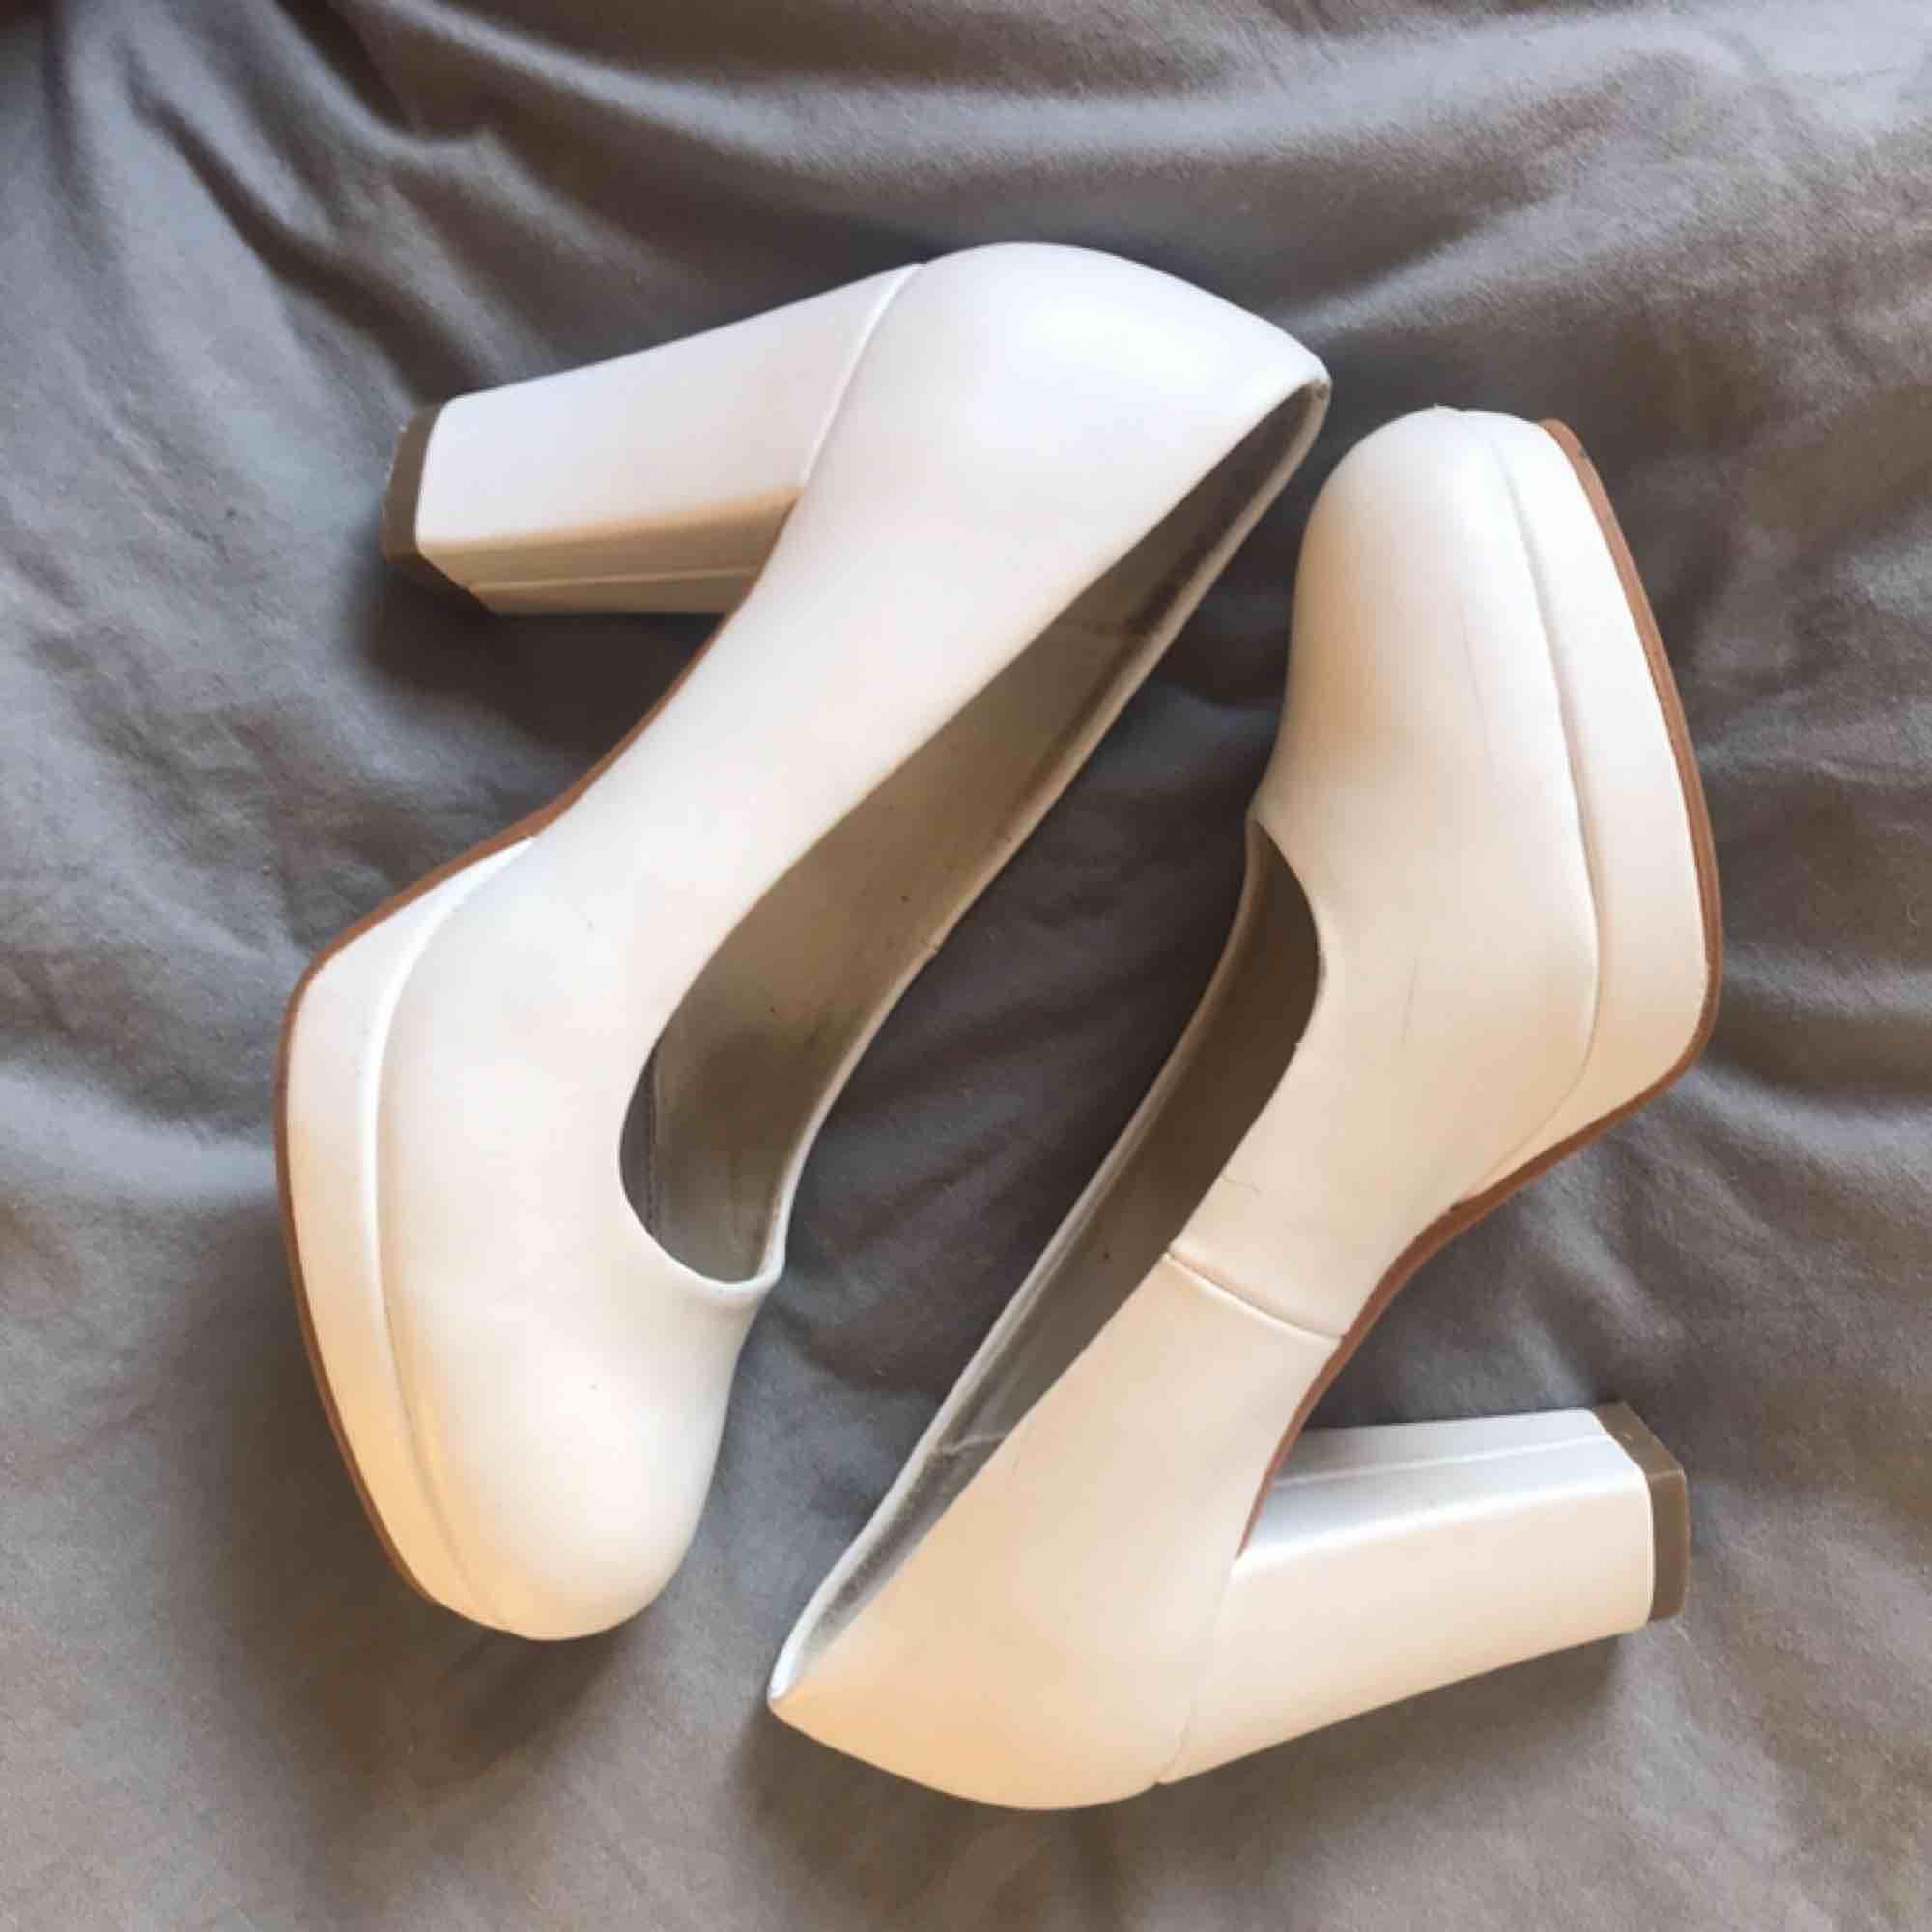 Klackeskor från Din Sko i storlek 36. De är i fint skick men har några repor, använda 2 gånger. Priset är utan frakt!. Skor.